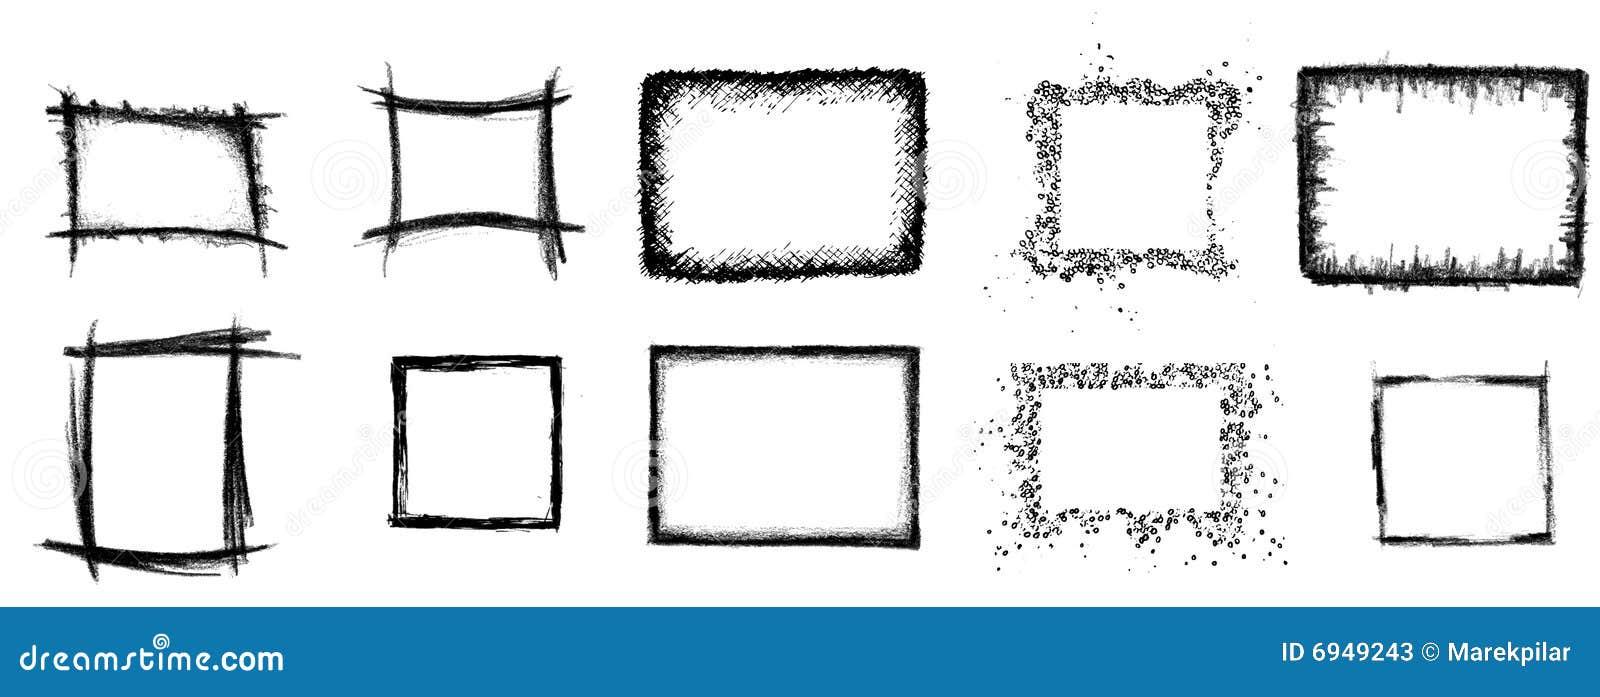 10 künstlerische Felder